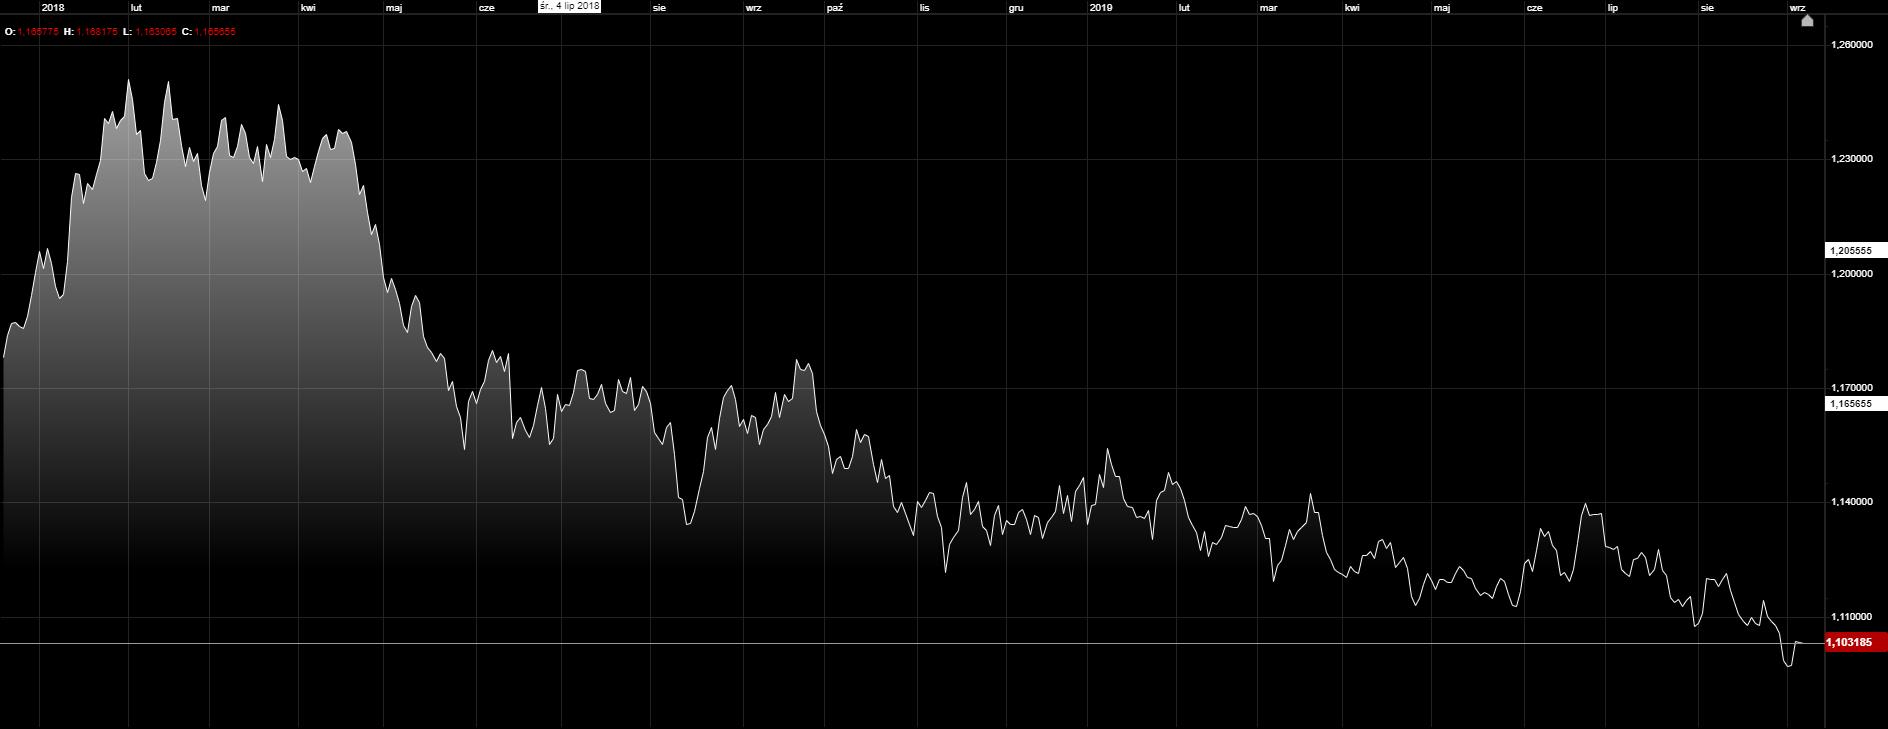 Kurs euro do dolara silnie traci w ostatnim czasie. EURUSD D1